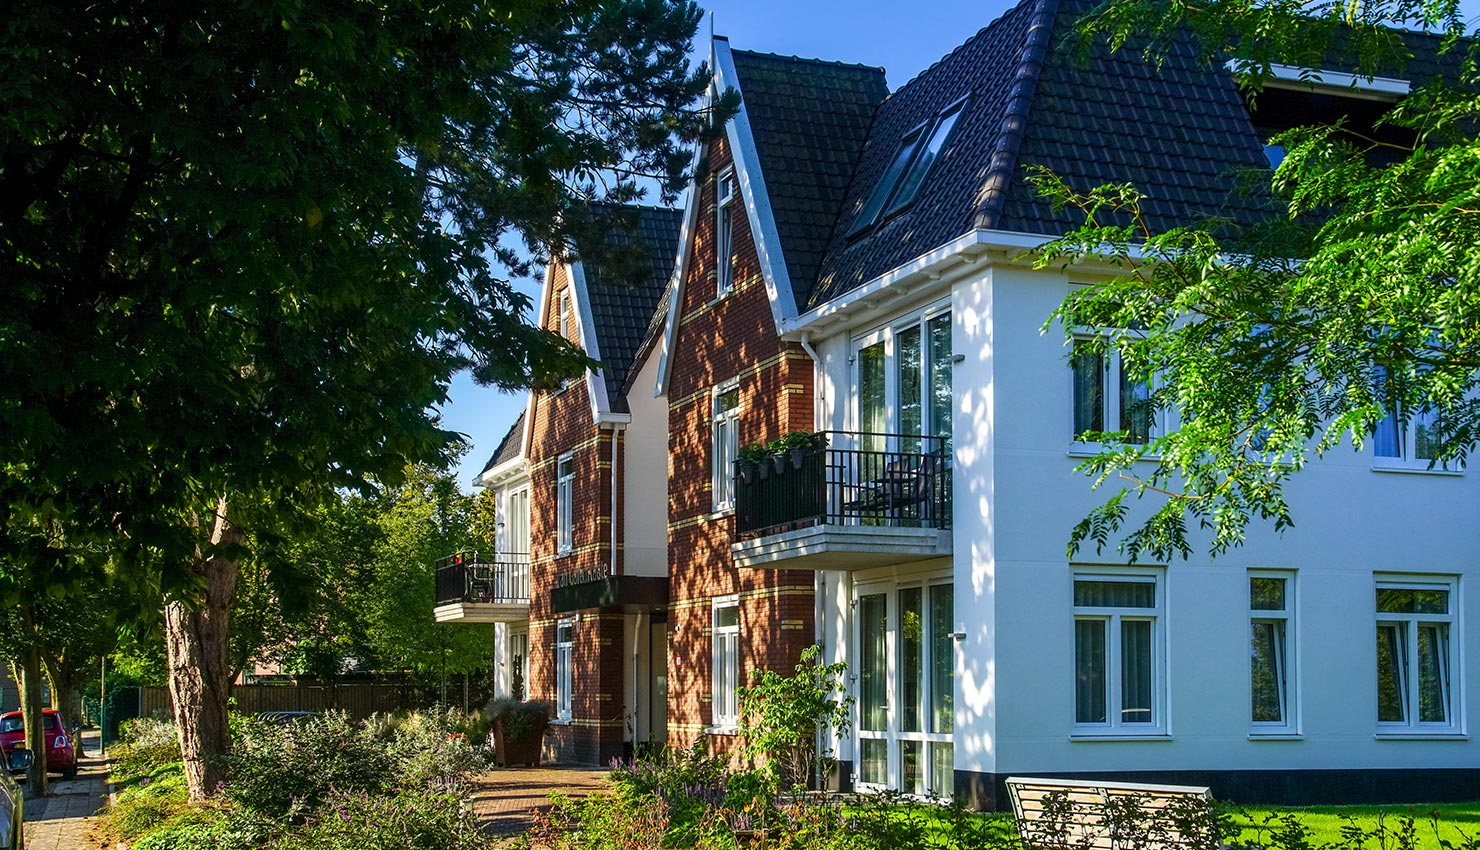 56 appartementen in Baarn